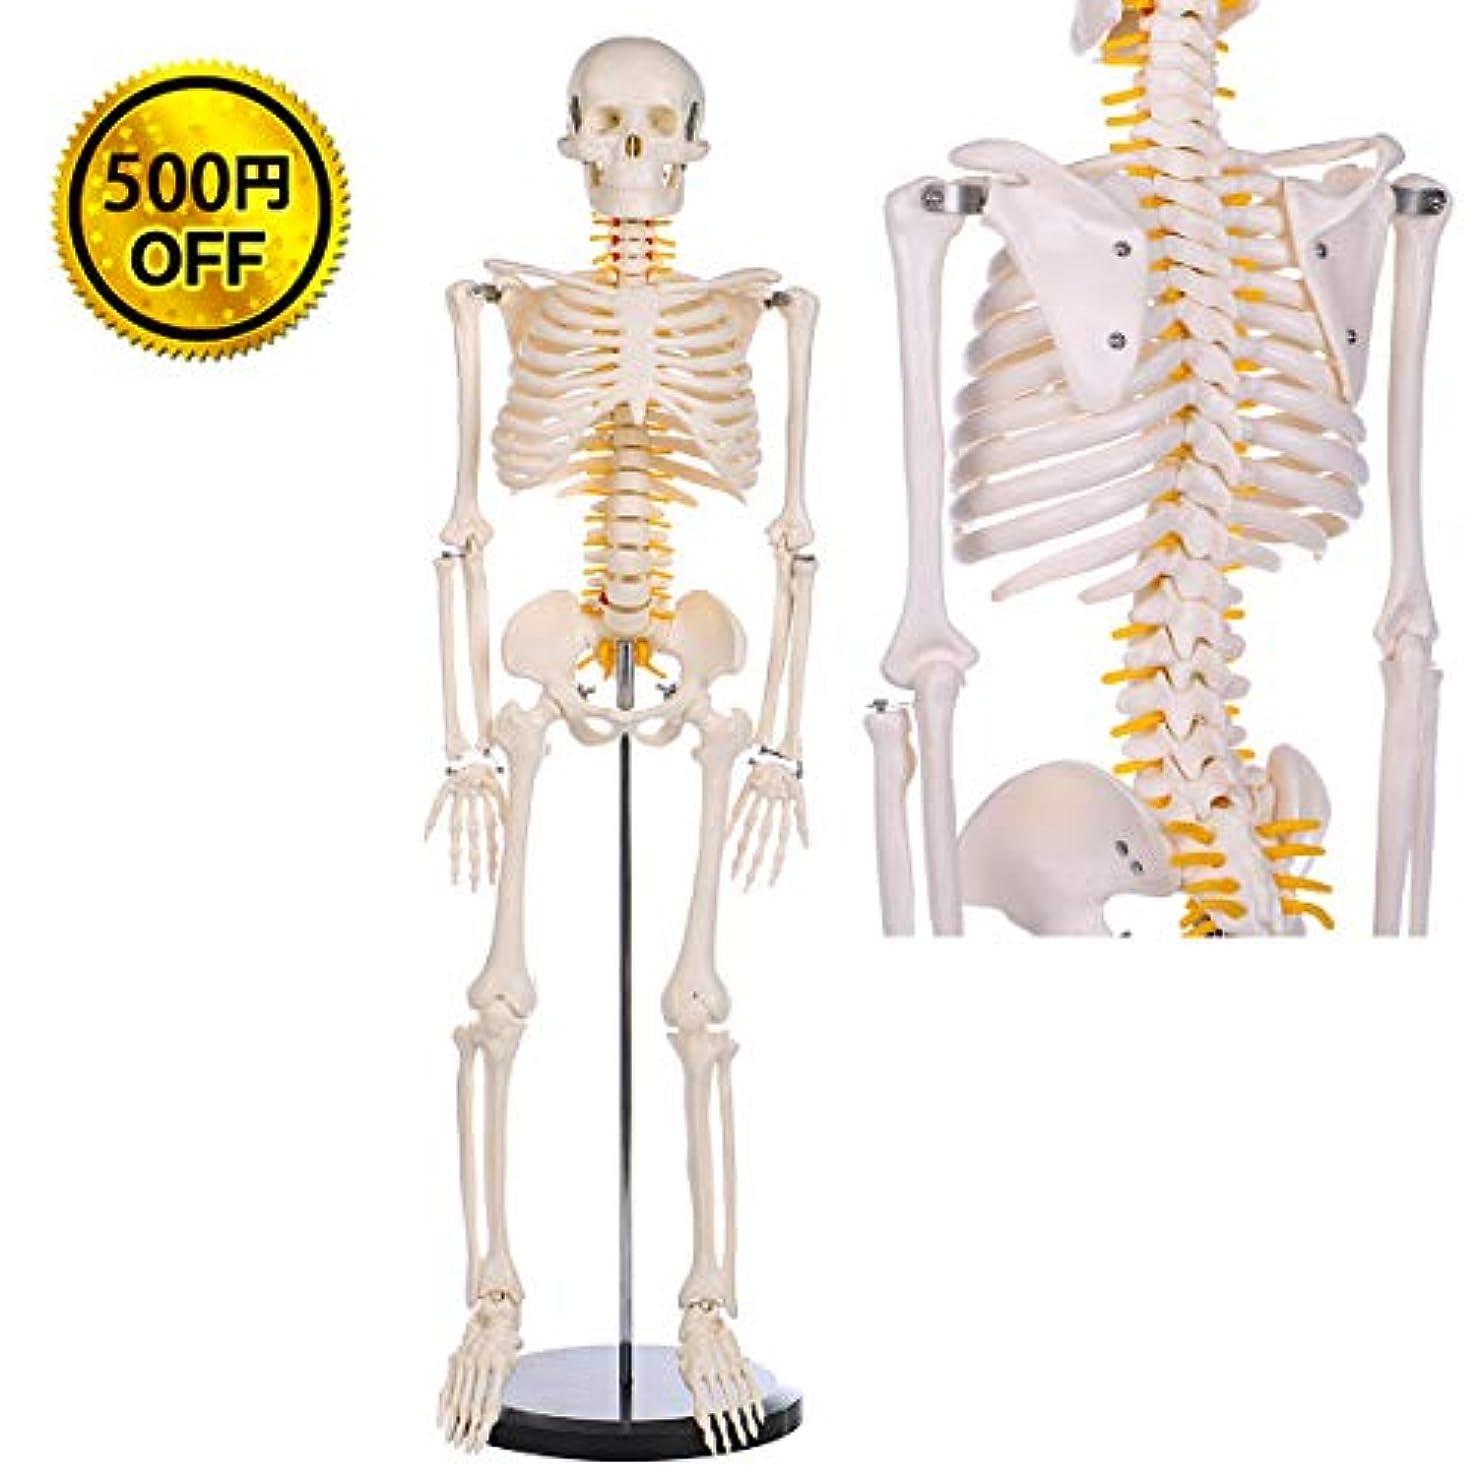 広告生態学不振【WETRY】人体骨格模型 1/2人体モデル 全身骨格模型 直立 教材 医学 1/2 モデル 85cm 脊髄神経根 椎骨動脈スタンド付き